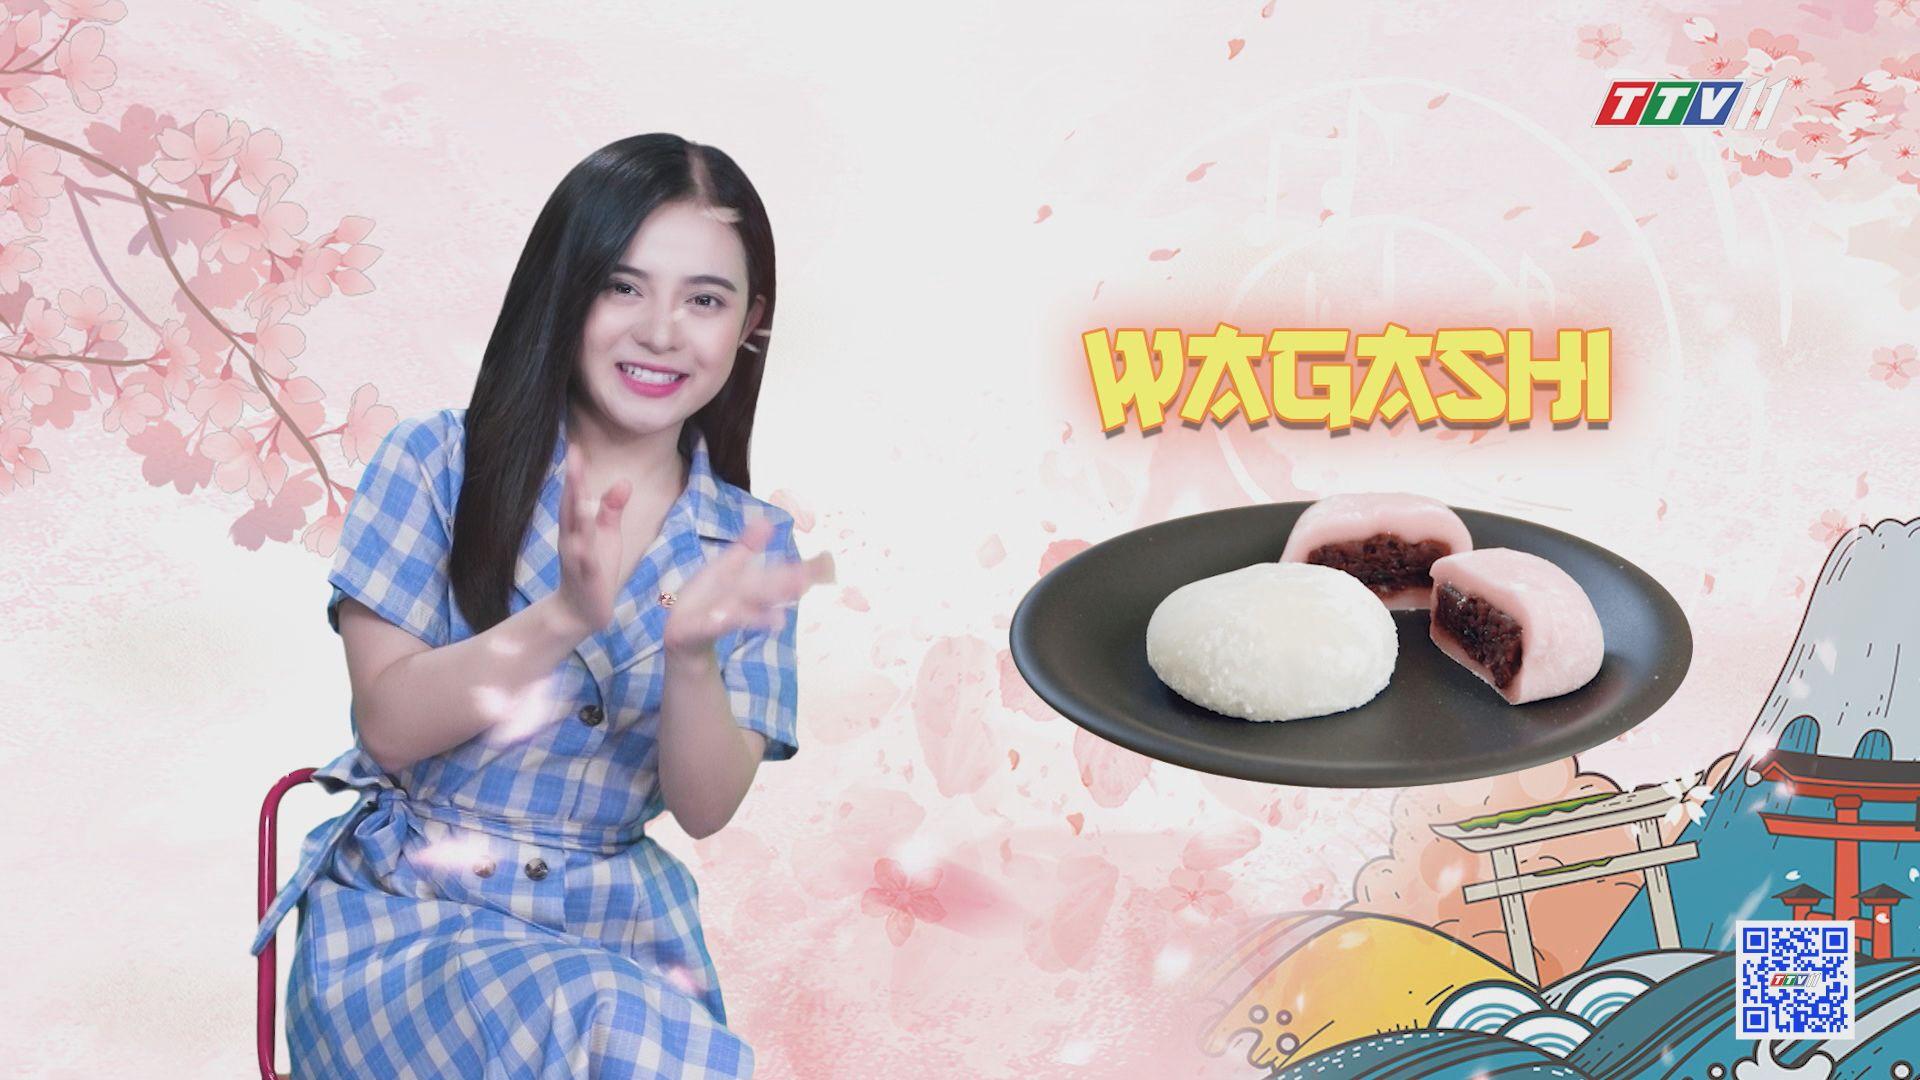 Món bánh ngọt mang đậm dấu ấn văn hóa của Nhật Bản | CHUYỆN ĐÔNG TÂY KỲ THÚ | TayNinhTV